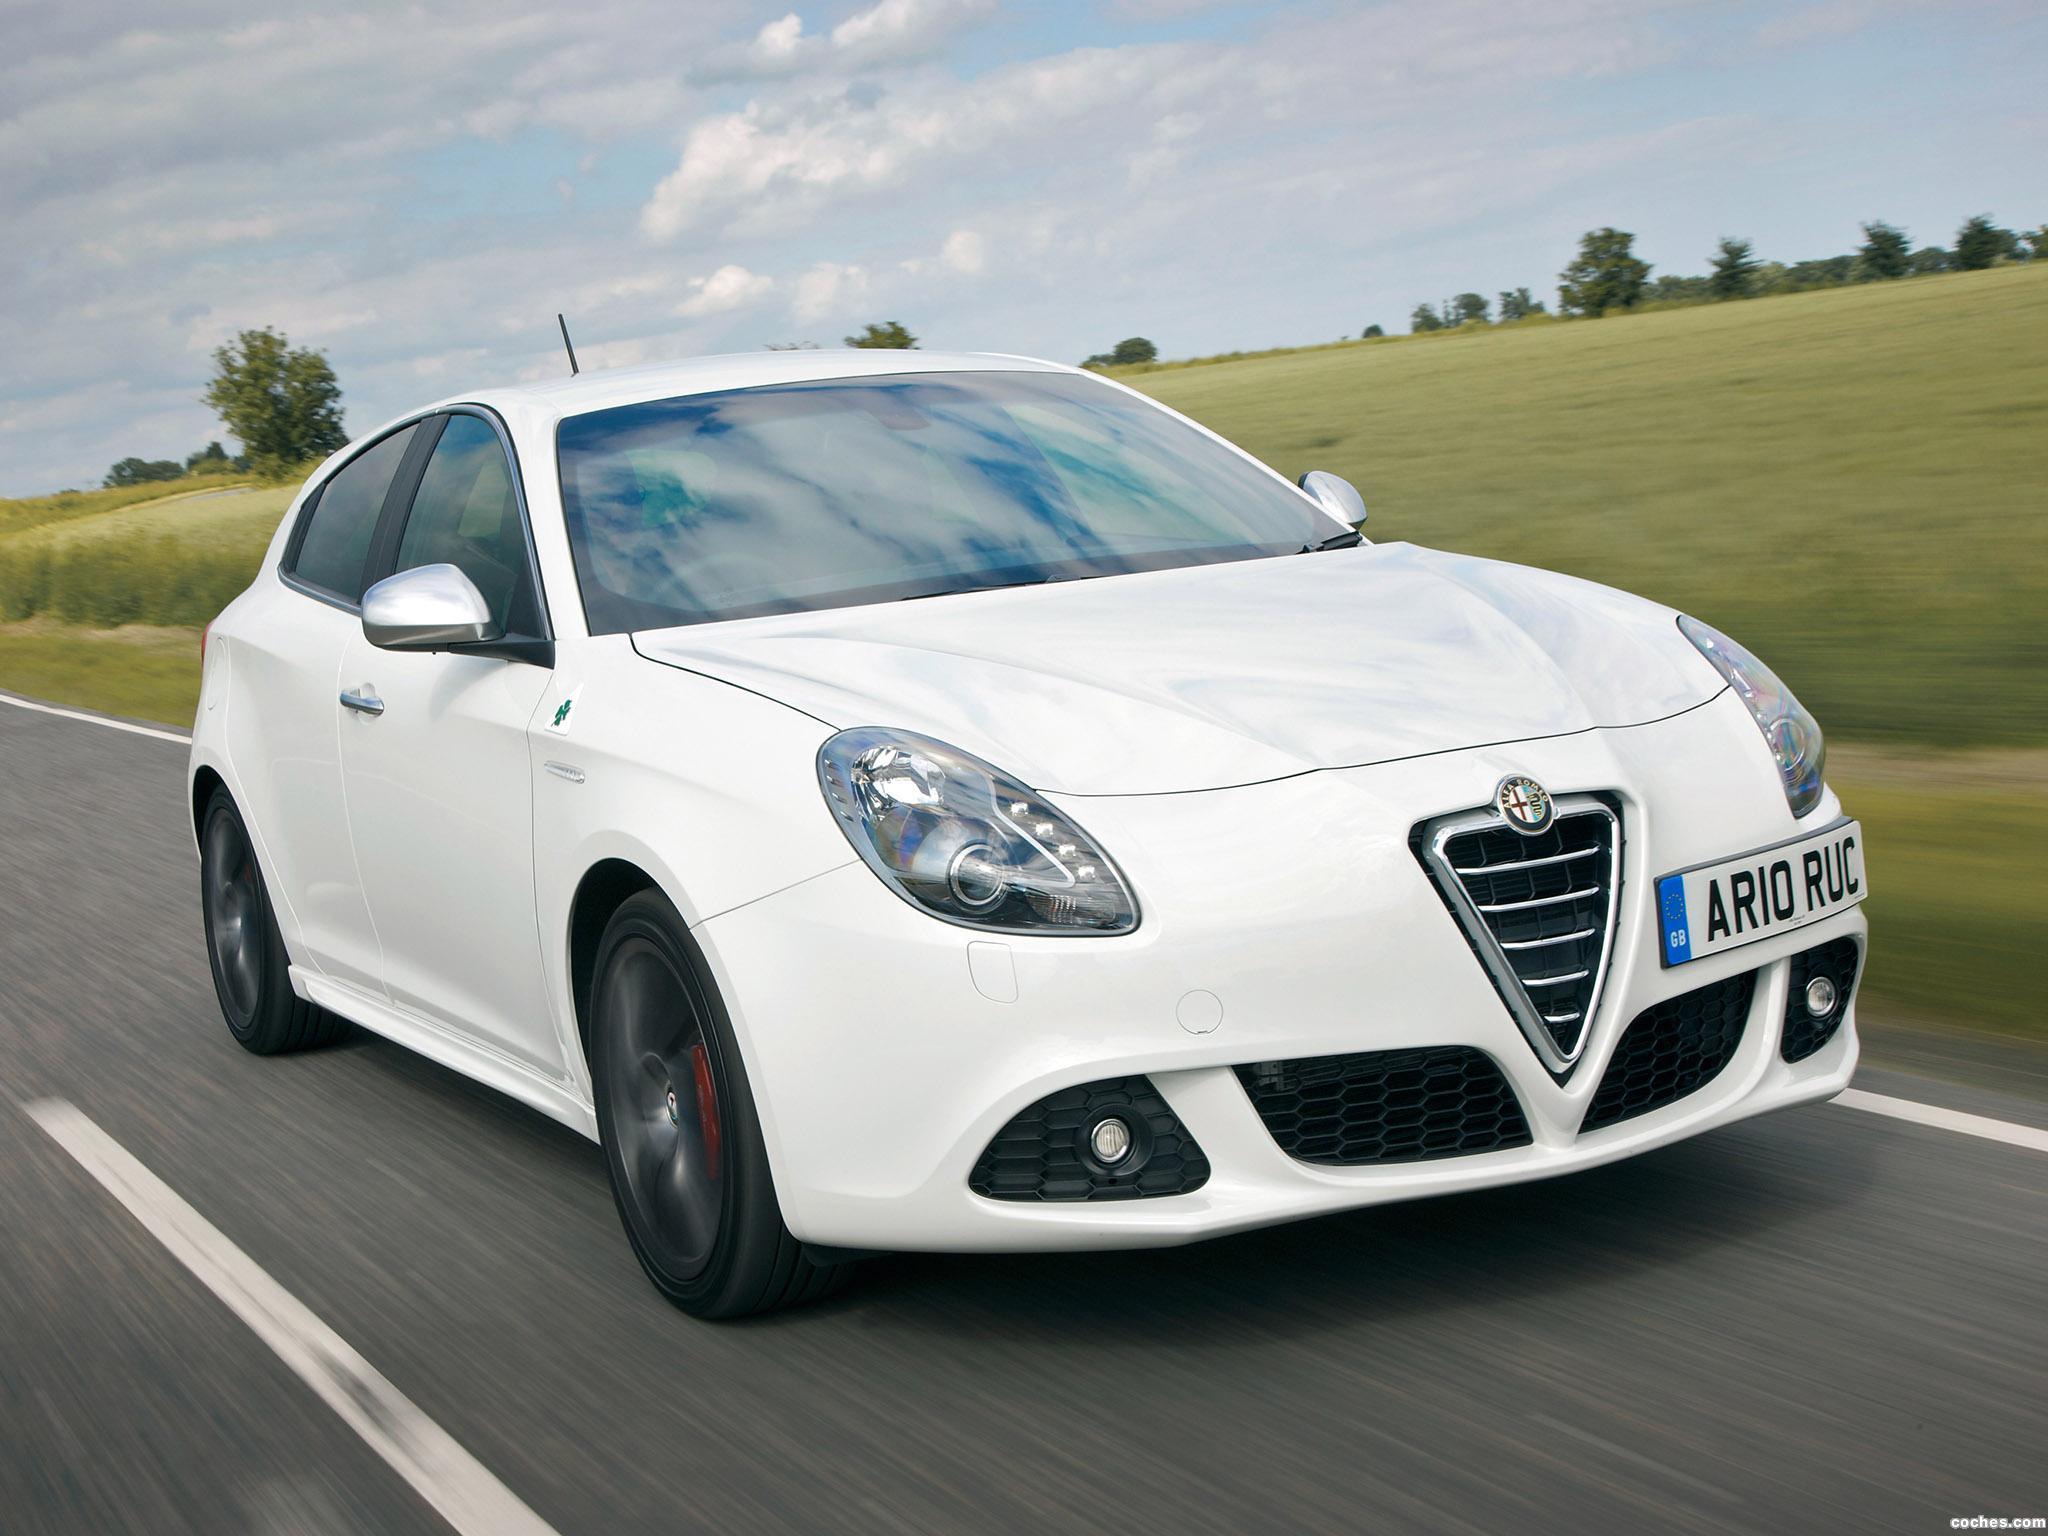 Foto 11 de Alfa Romeo Giulietta UK 2010